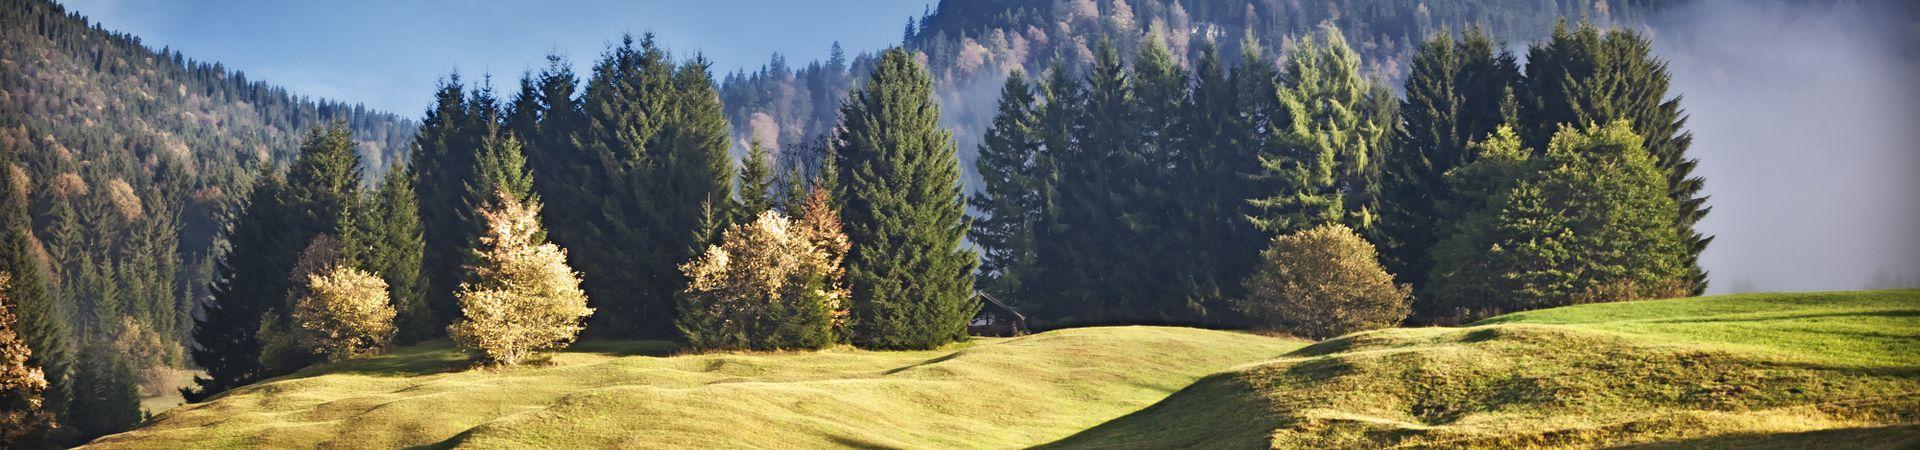 Kurzurlaub in der Fränkischen Schweiz